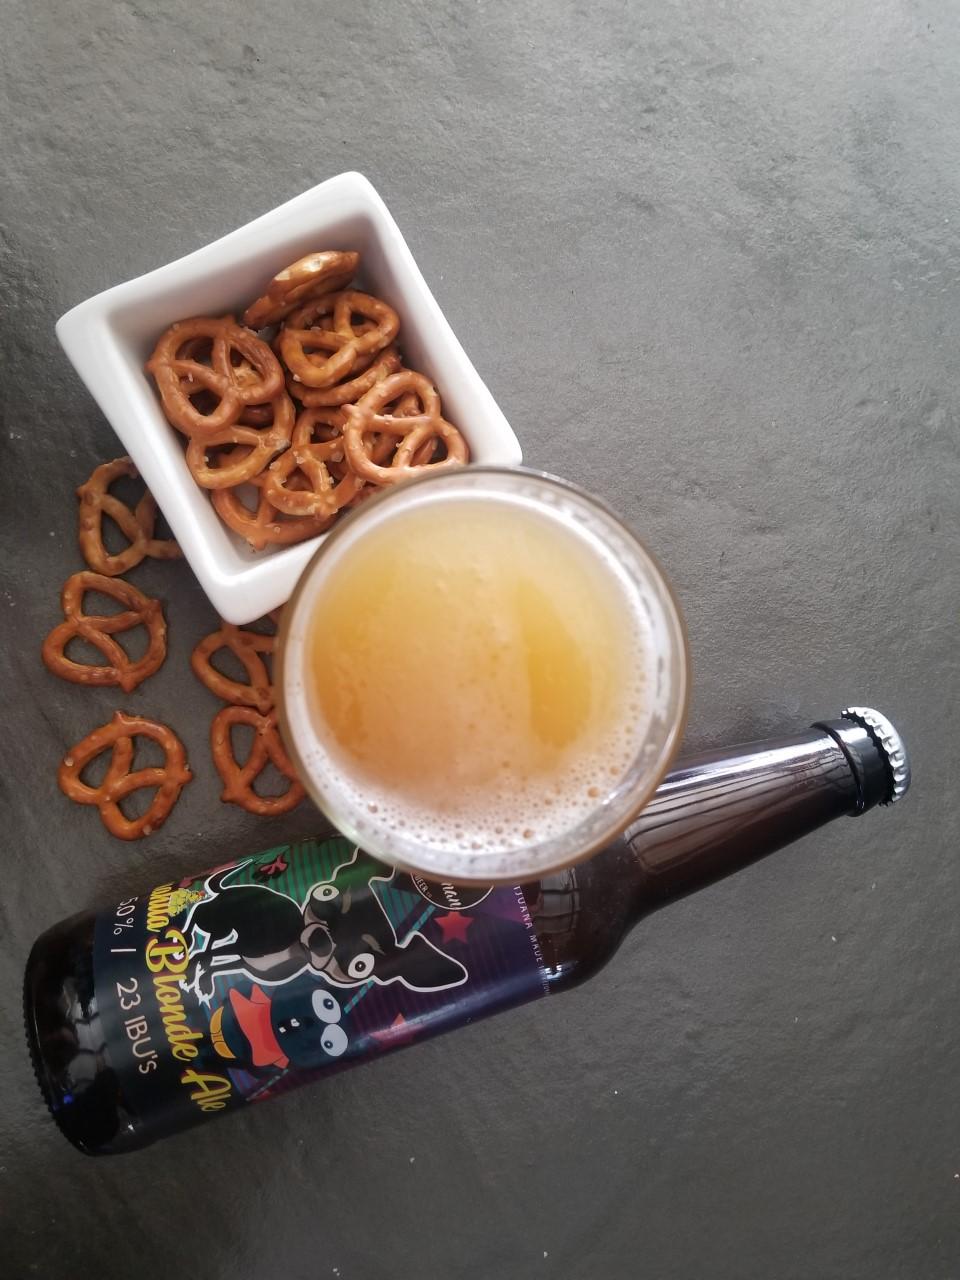 Cervecería Doberman Craft Beer en Tijuana B.C